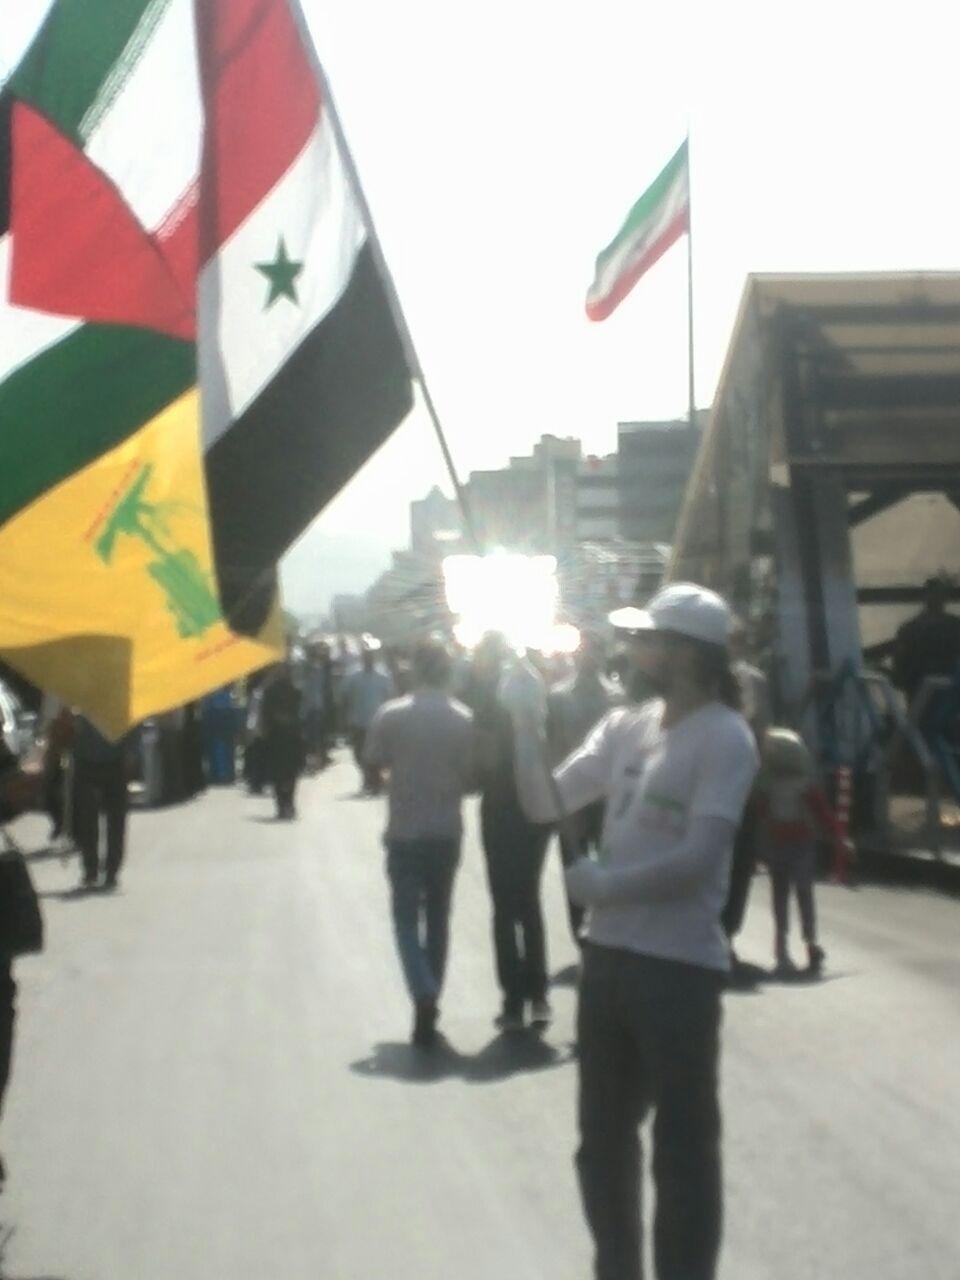 مراسم راهپیمایی روز قدس دقایقی قبل با حضور مردم آغاز شد+ تصویر